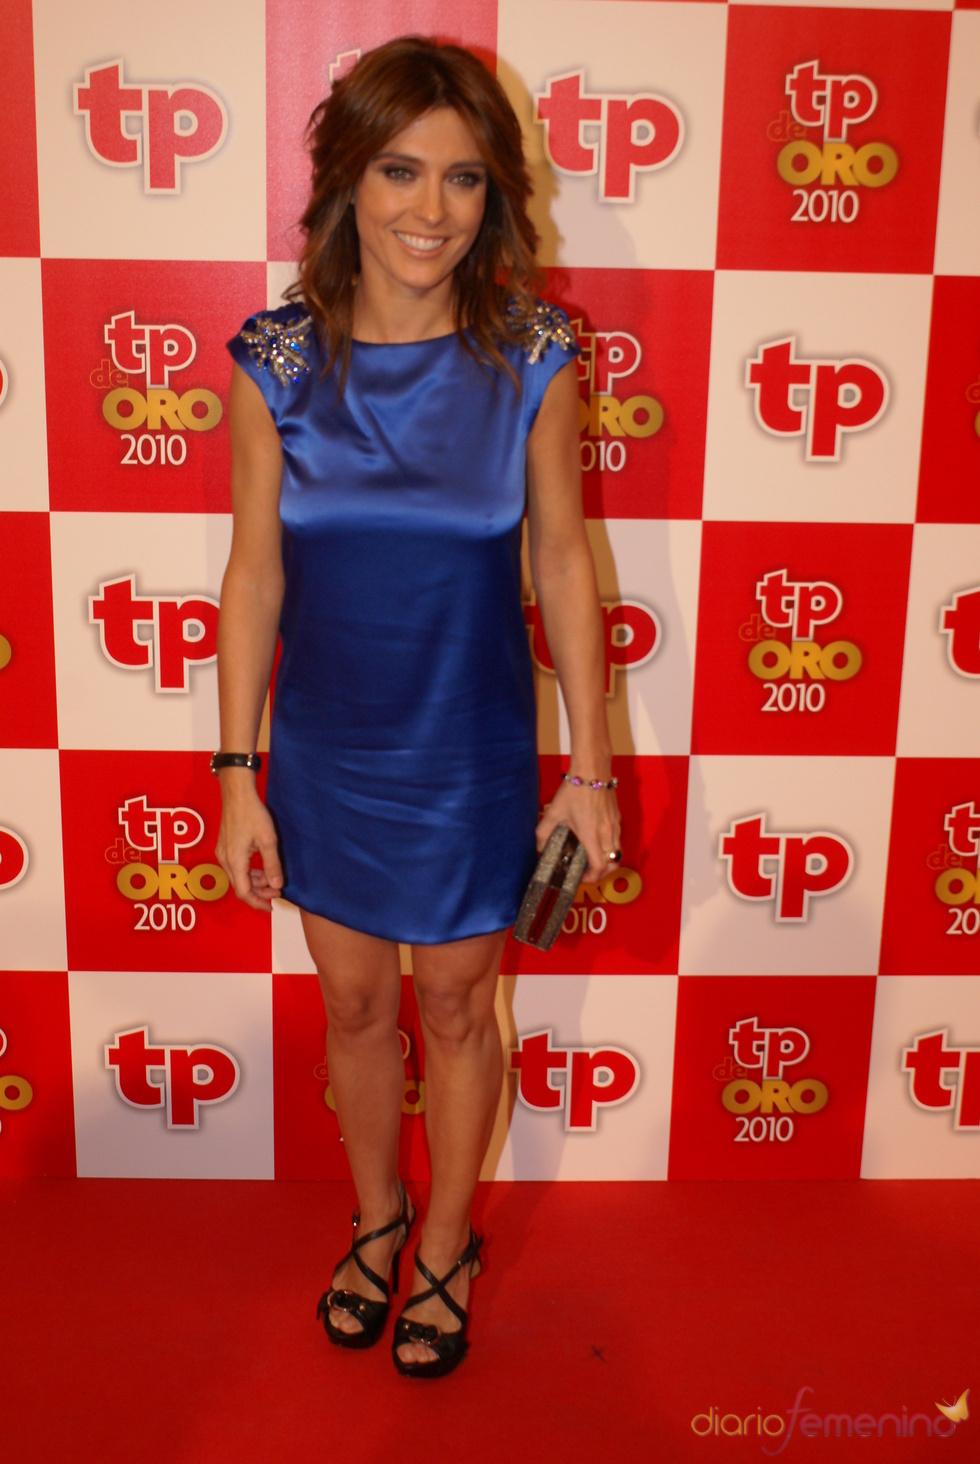 Helena Resano, presentadora de 'La Sexta noticias', en los TP de Oro 2010